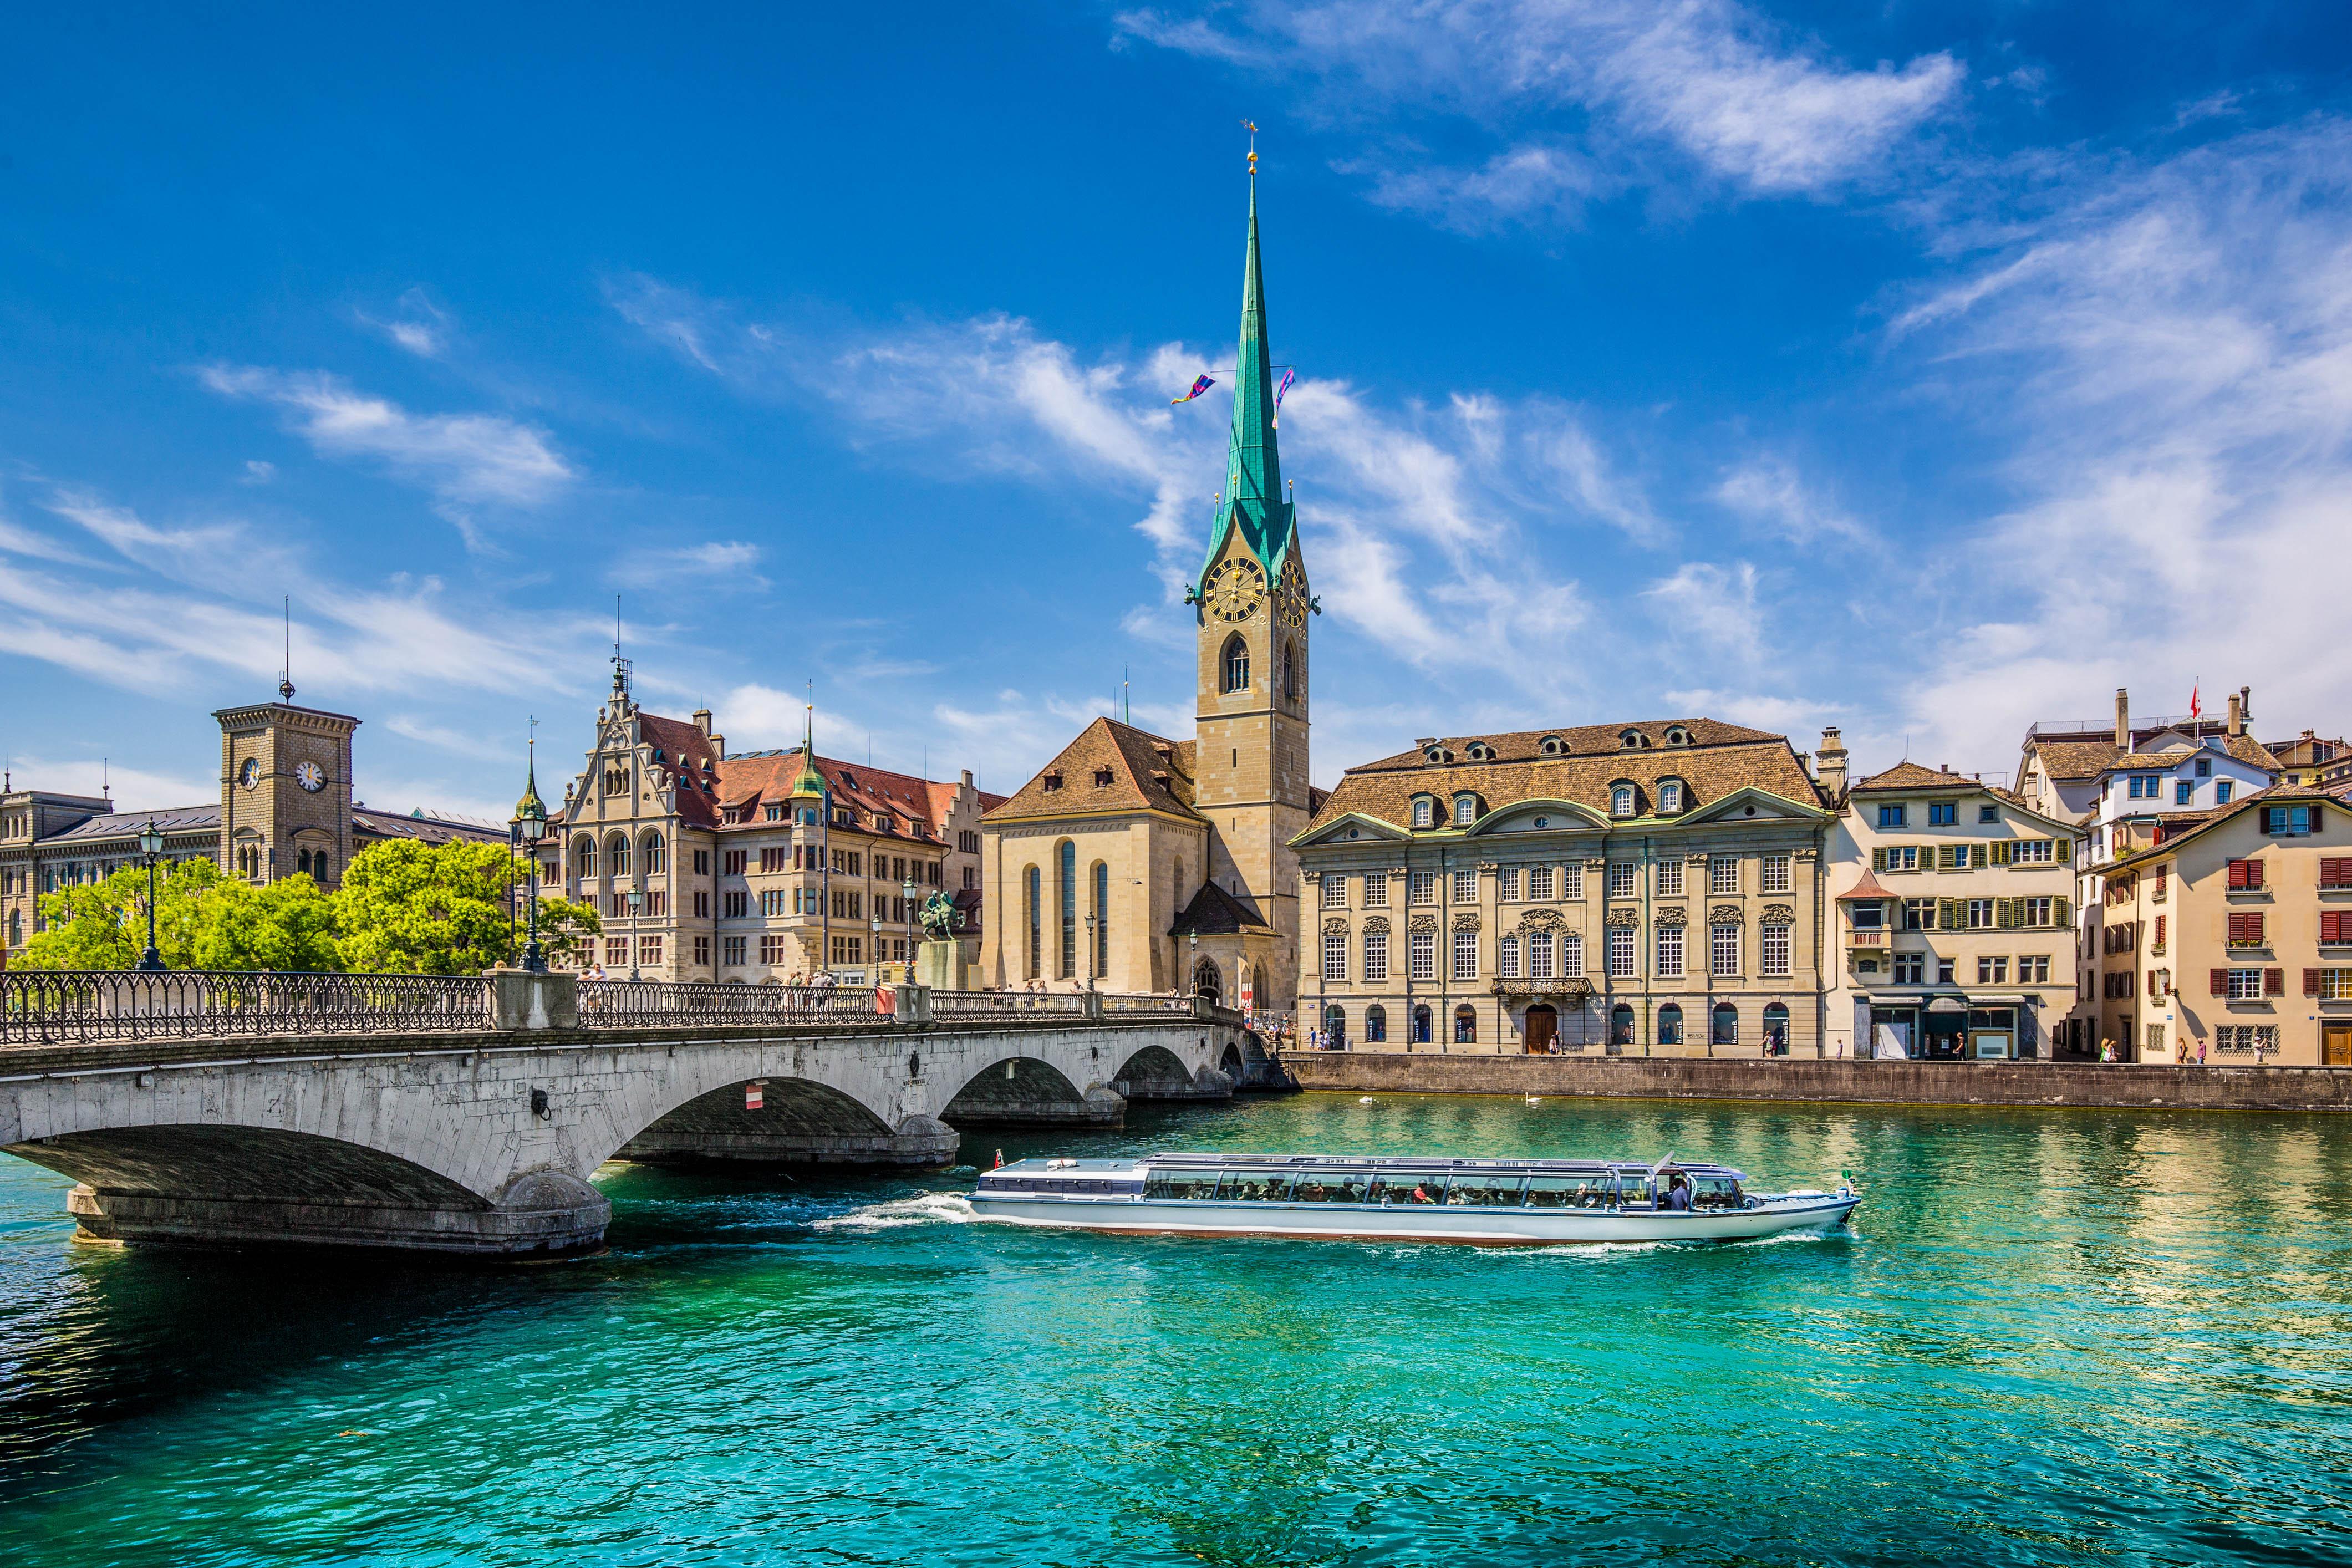 Eine Bootsfahrt auf der Limmat in Zürich